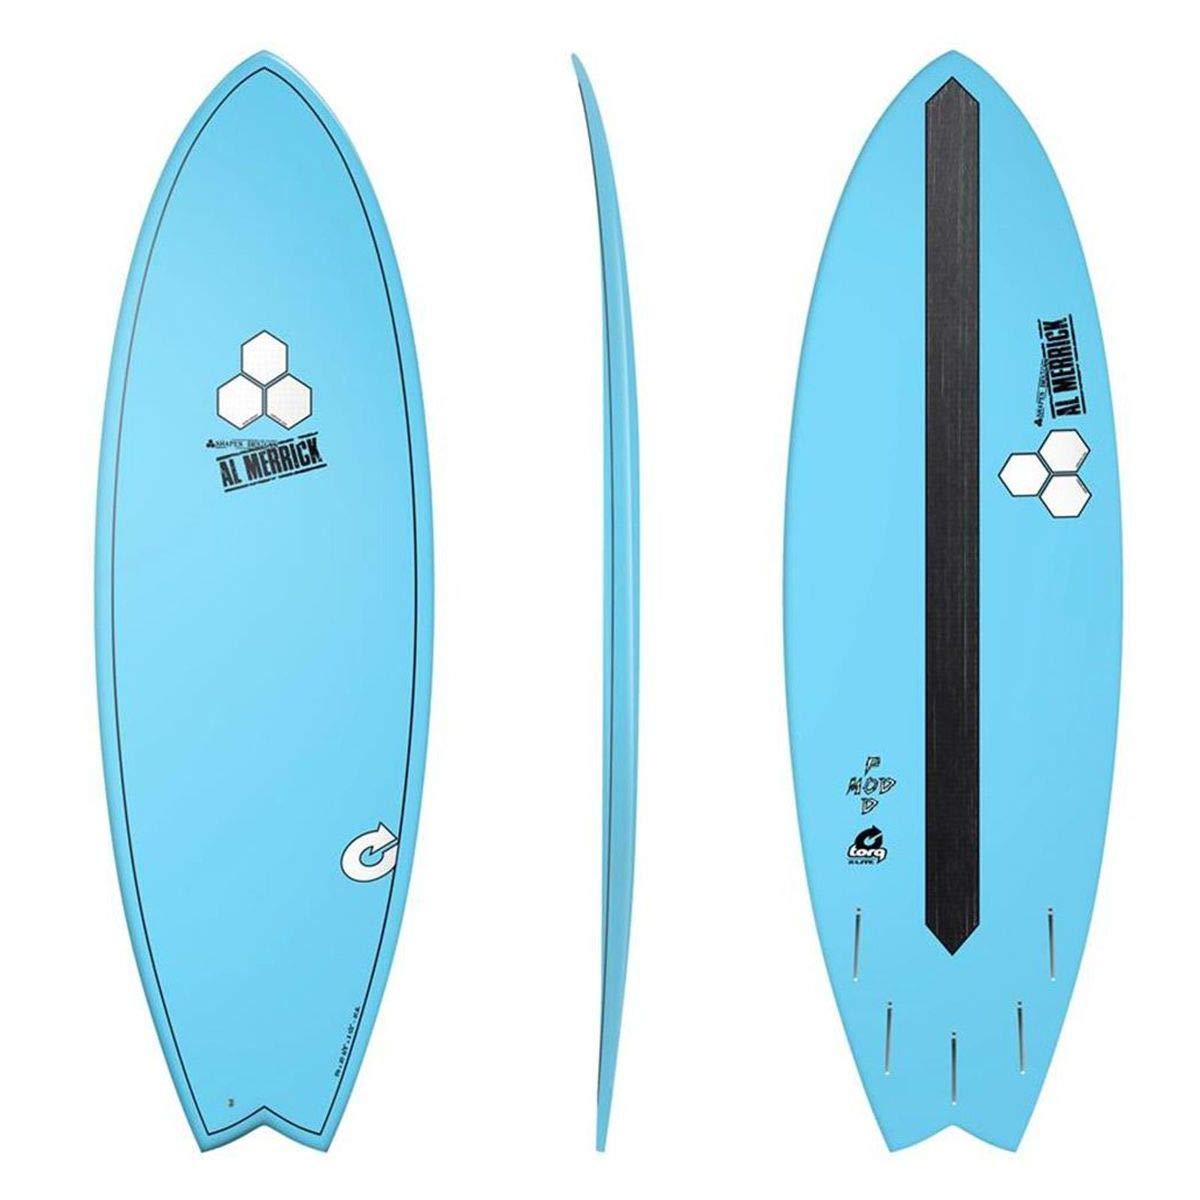 Tabla de surf Channel Islands X-Lite Pod MOD 6.6 Azul AL MERRICK Fish Eps EPOXY: Amazon.es: Deportes y aire libre